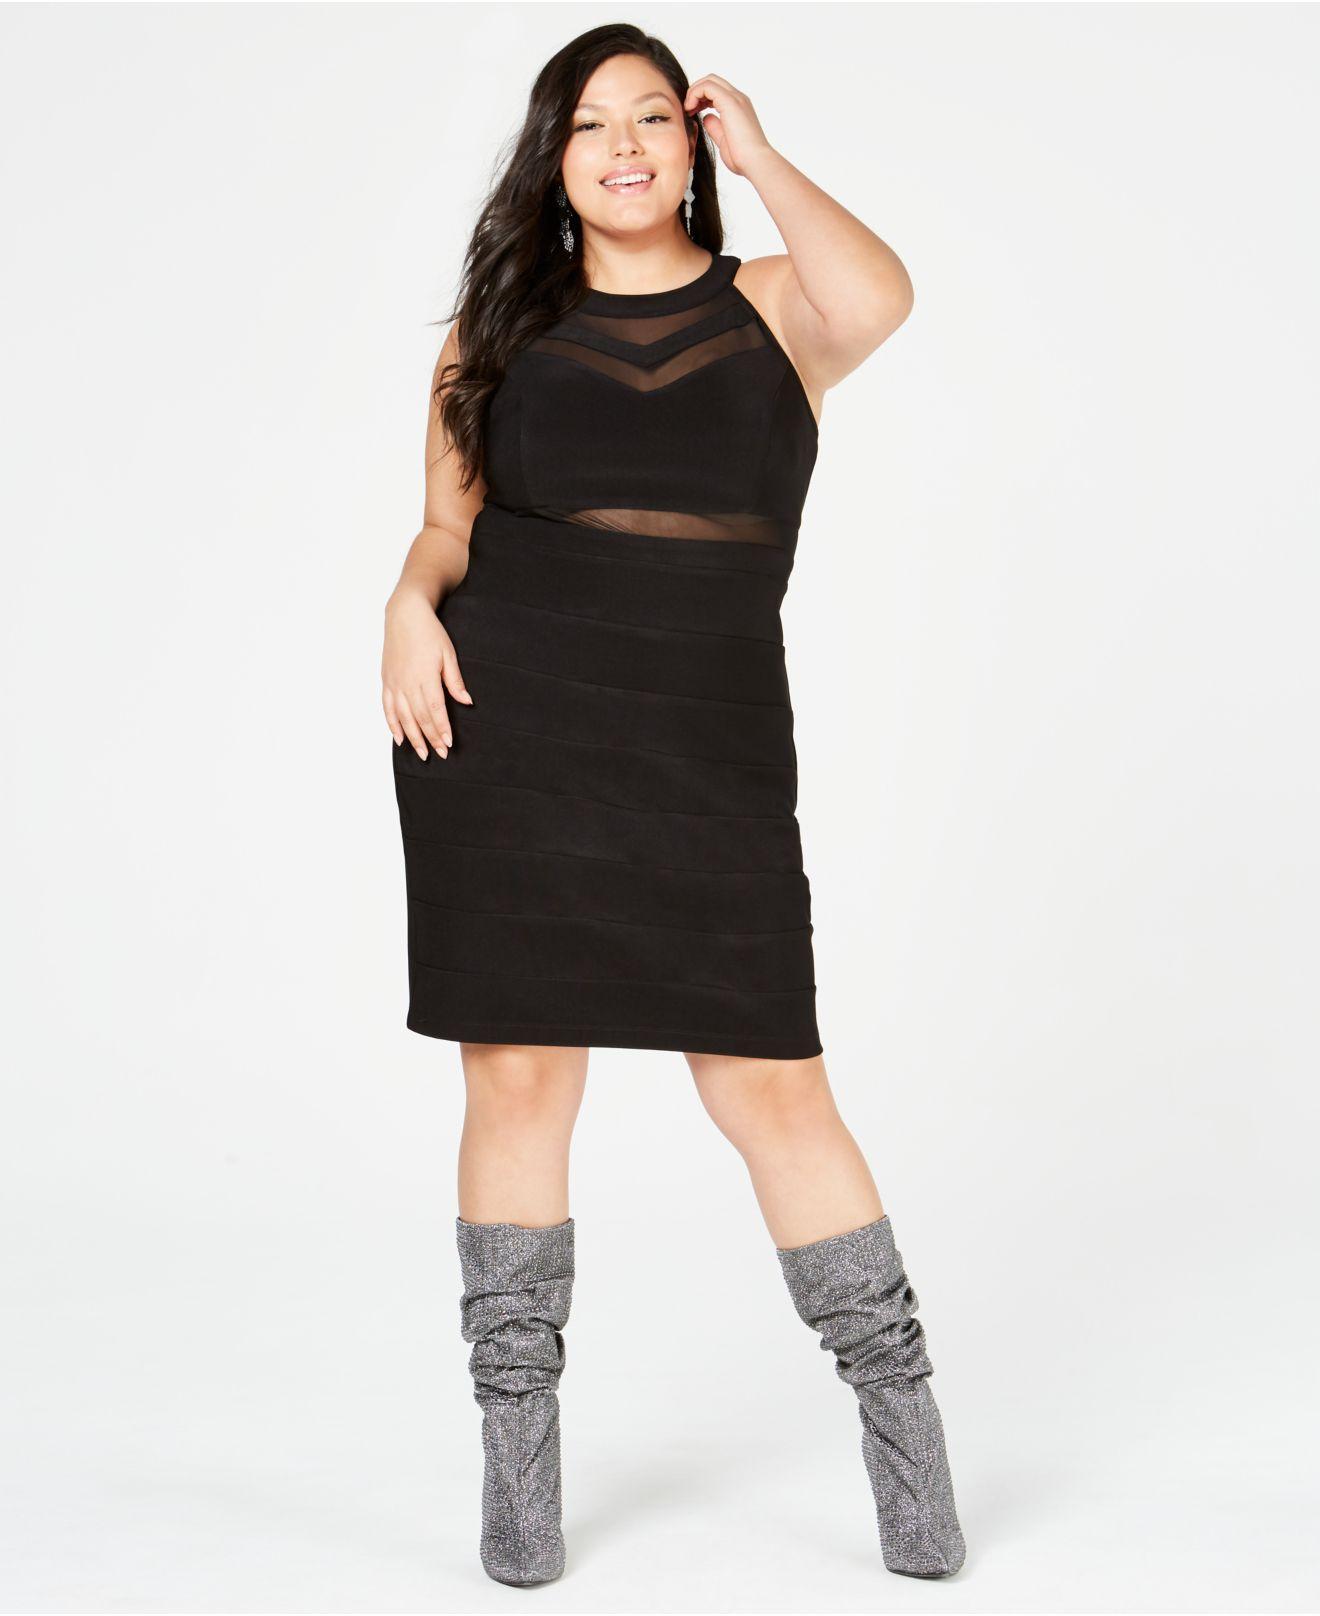 Emerald Sundae Trendy Plus Size Illusion Bandage Dress in ...